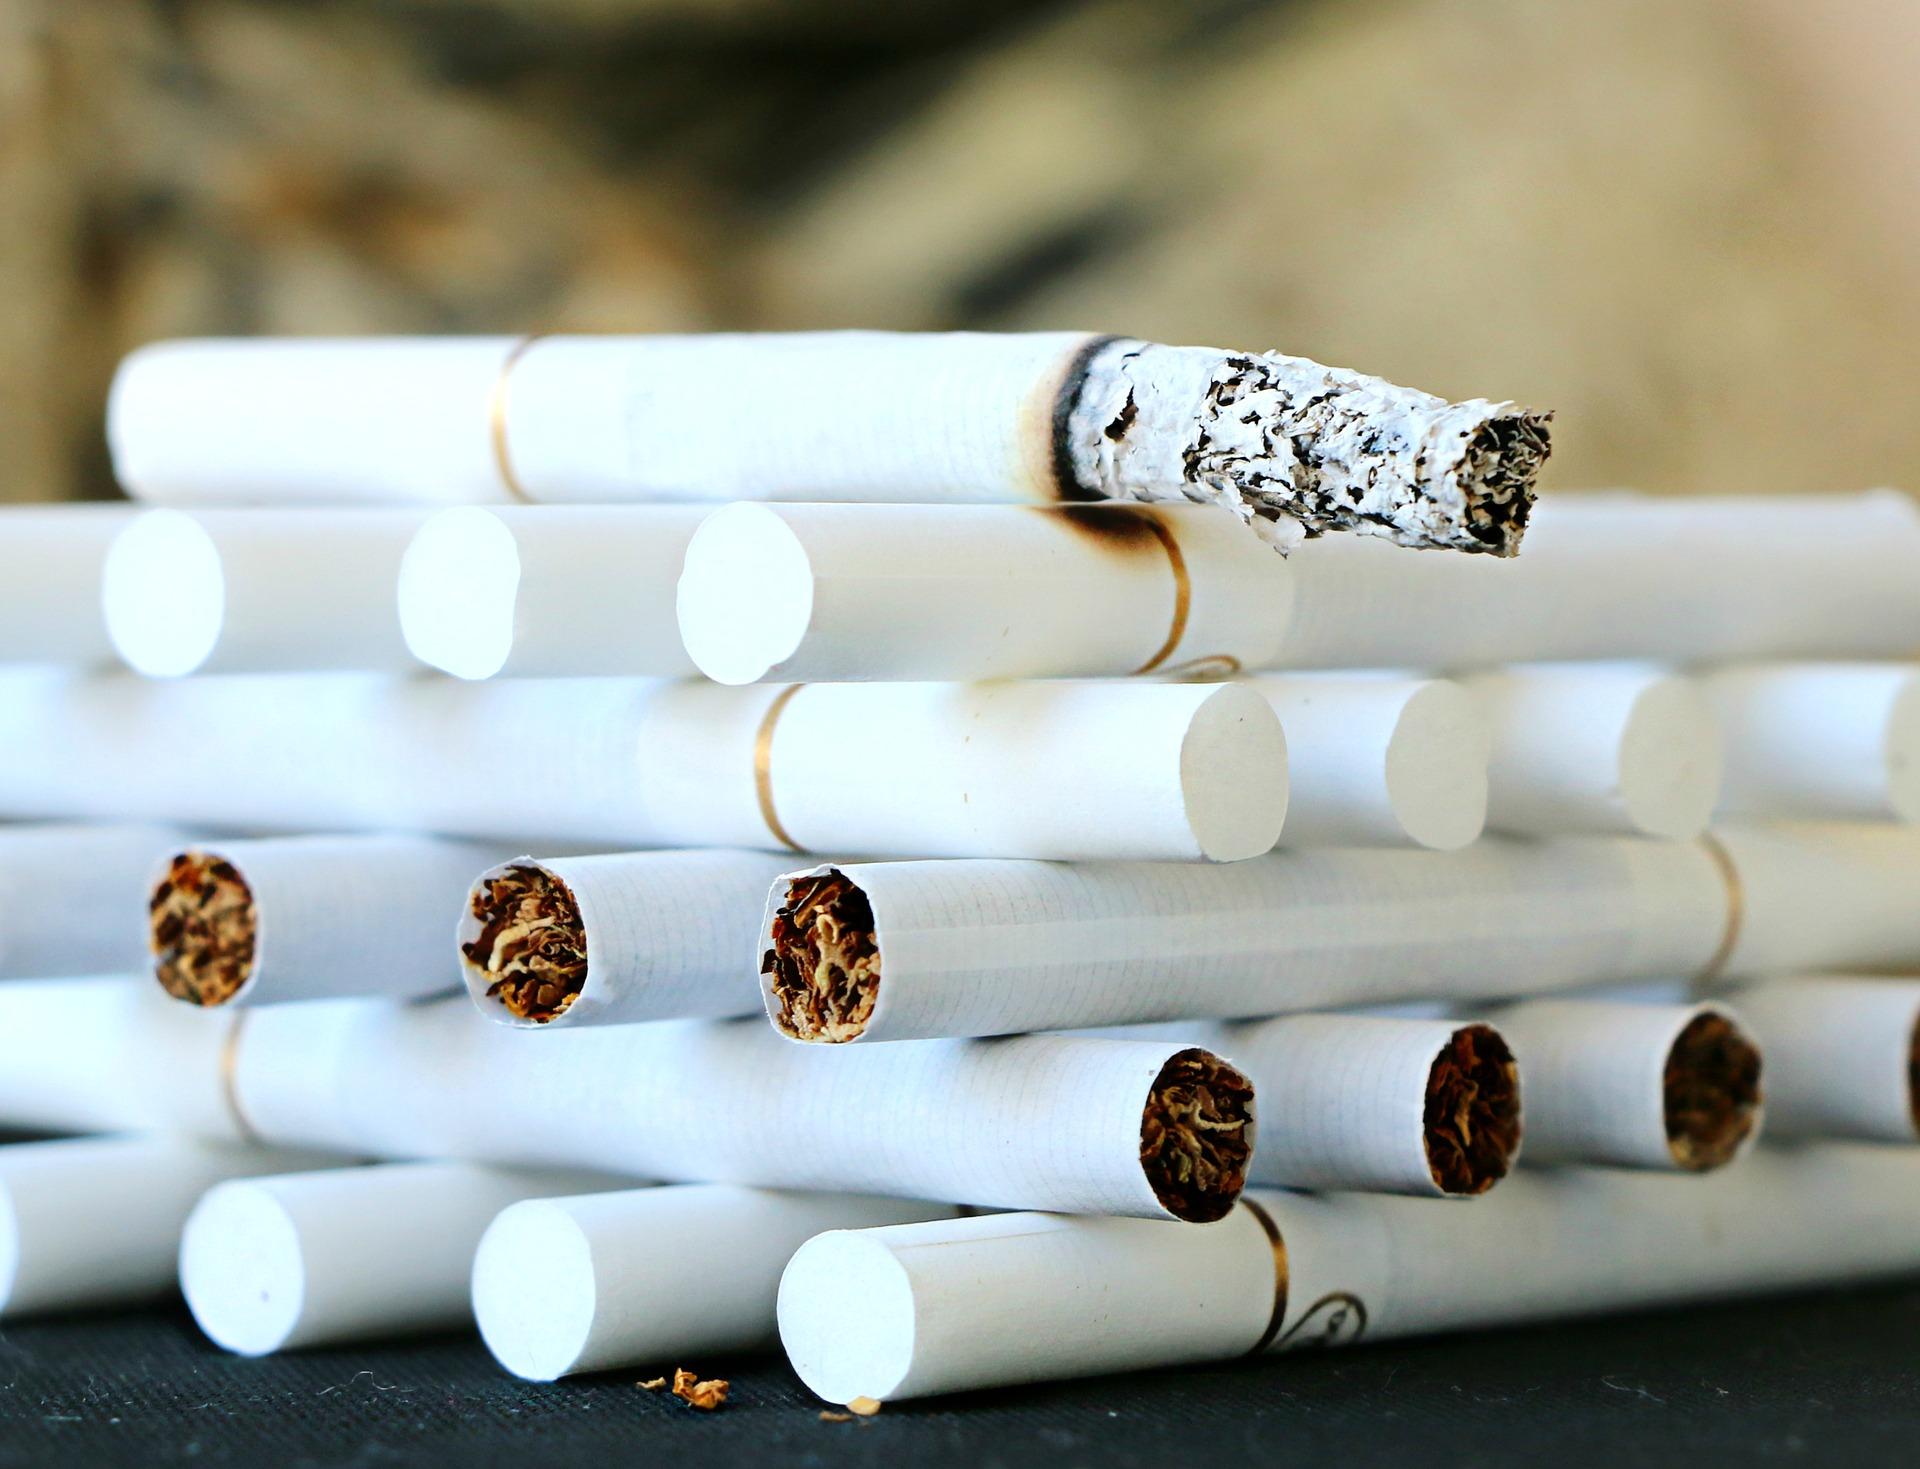 Miliardy nových cigaret míří kvůli starému kolku k likvidaci